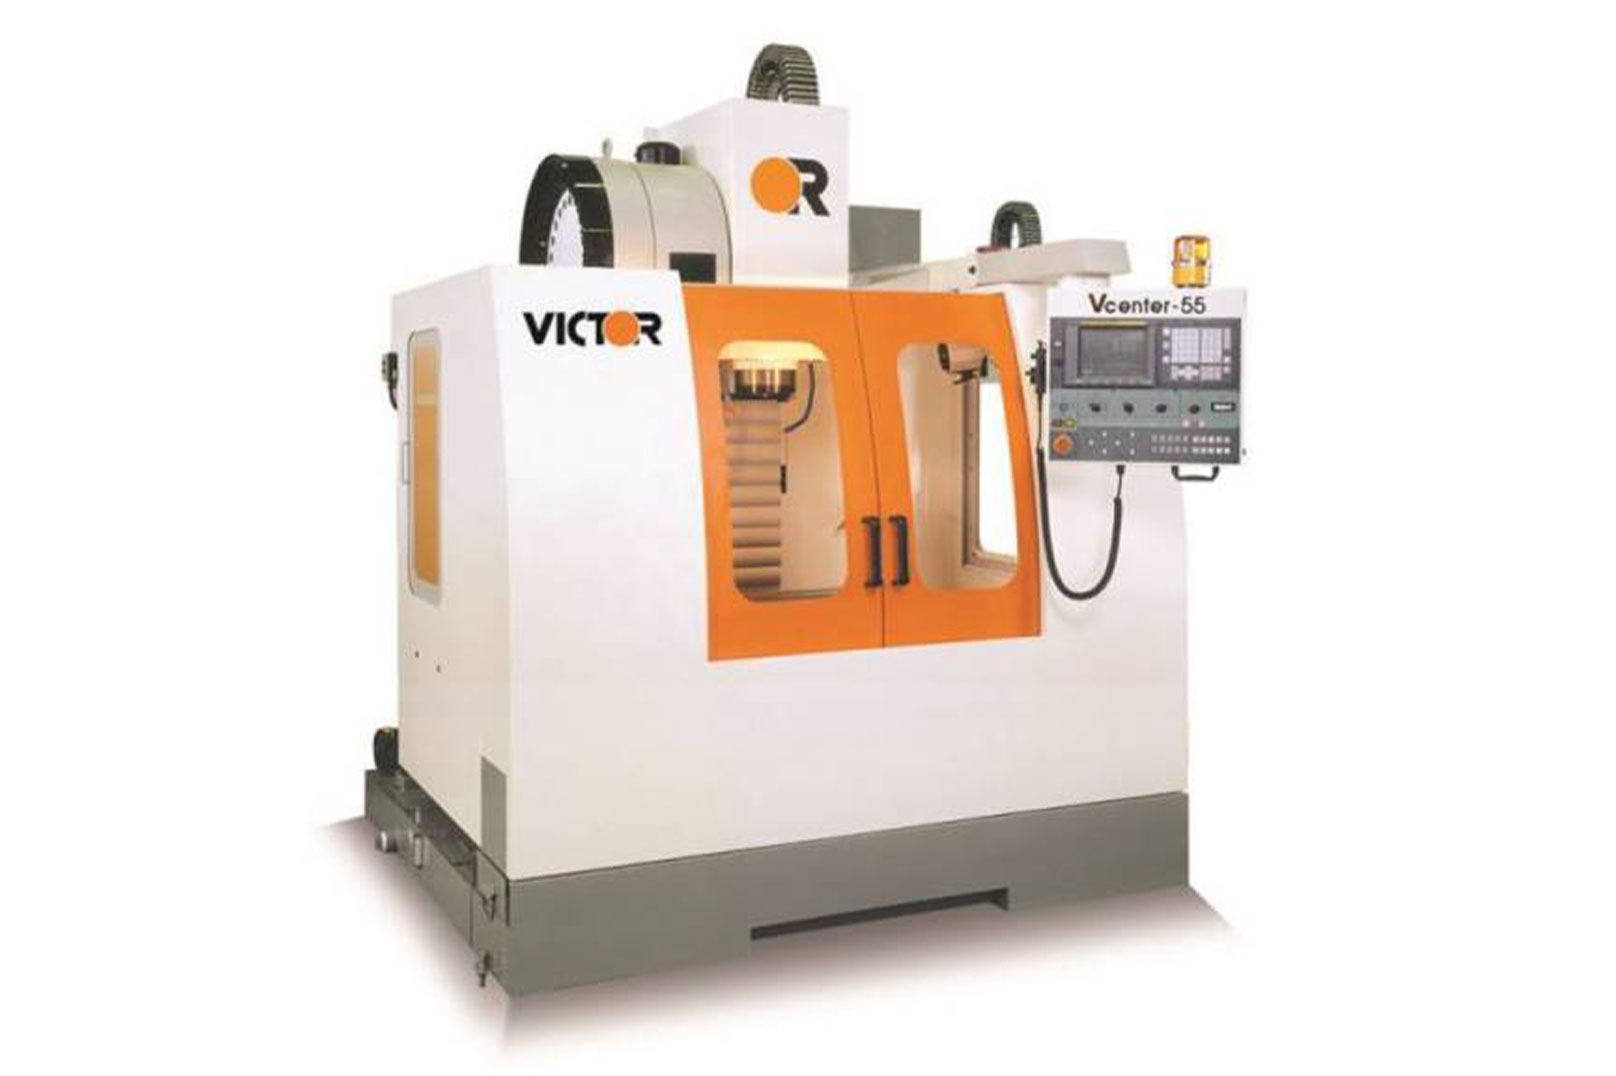 Victor centri di lavoro verticali modelli VC 55